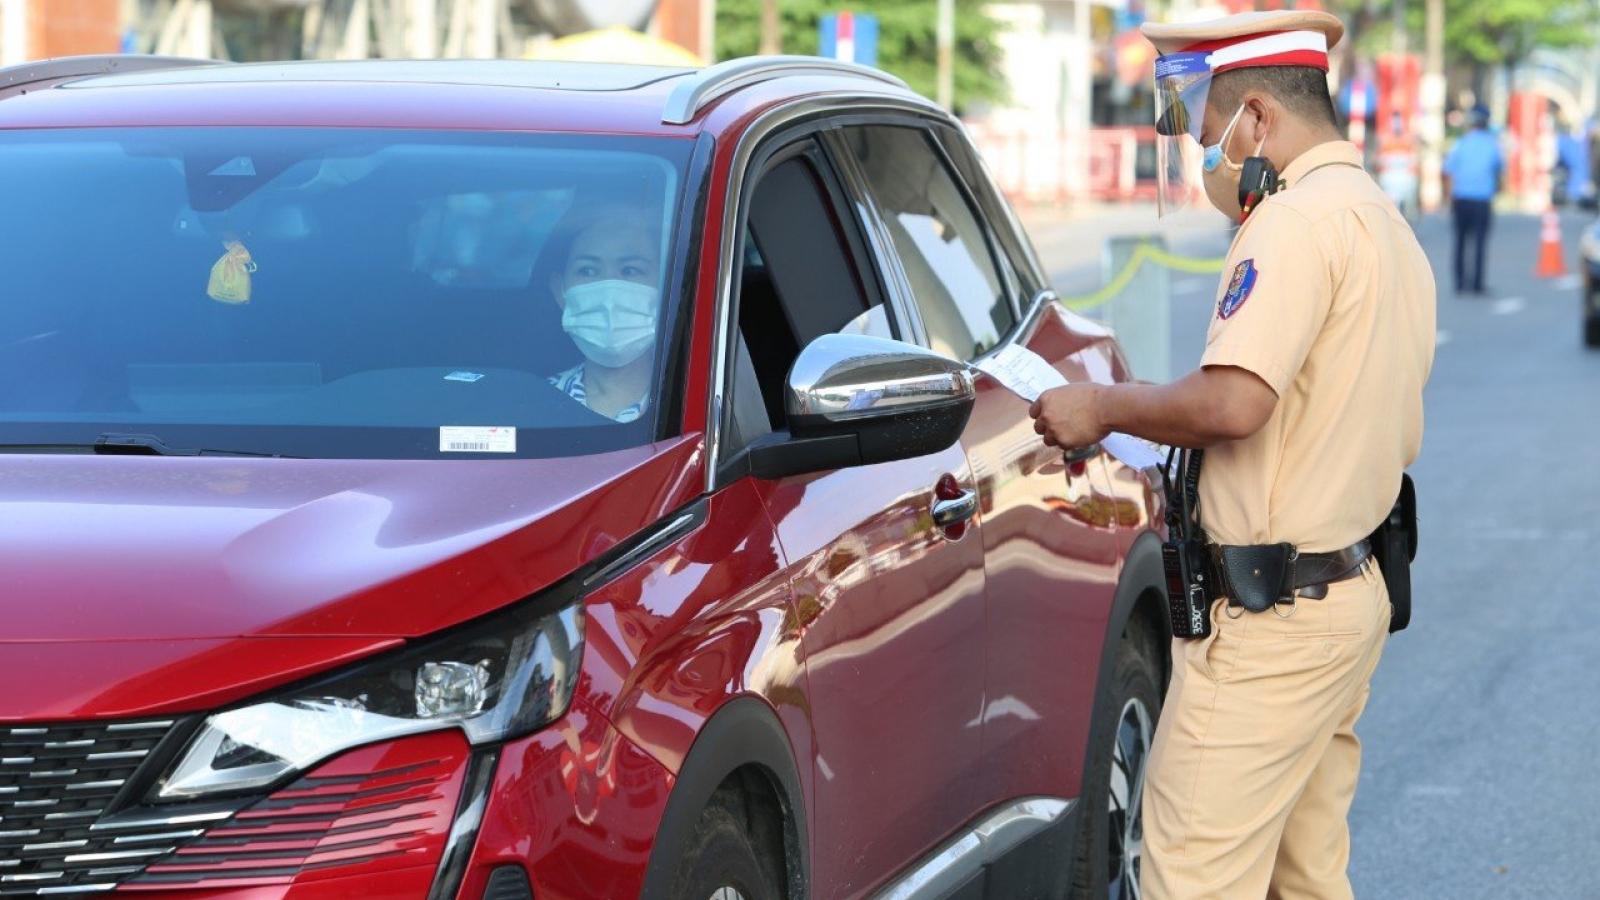 Công an Hà Nội xử phạt 72 trường hợp không có giấy đi đường theo quy định